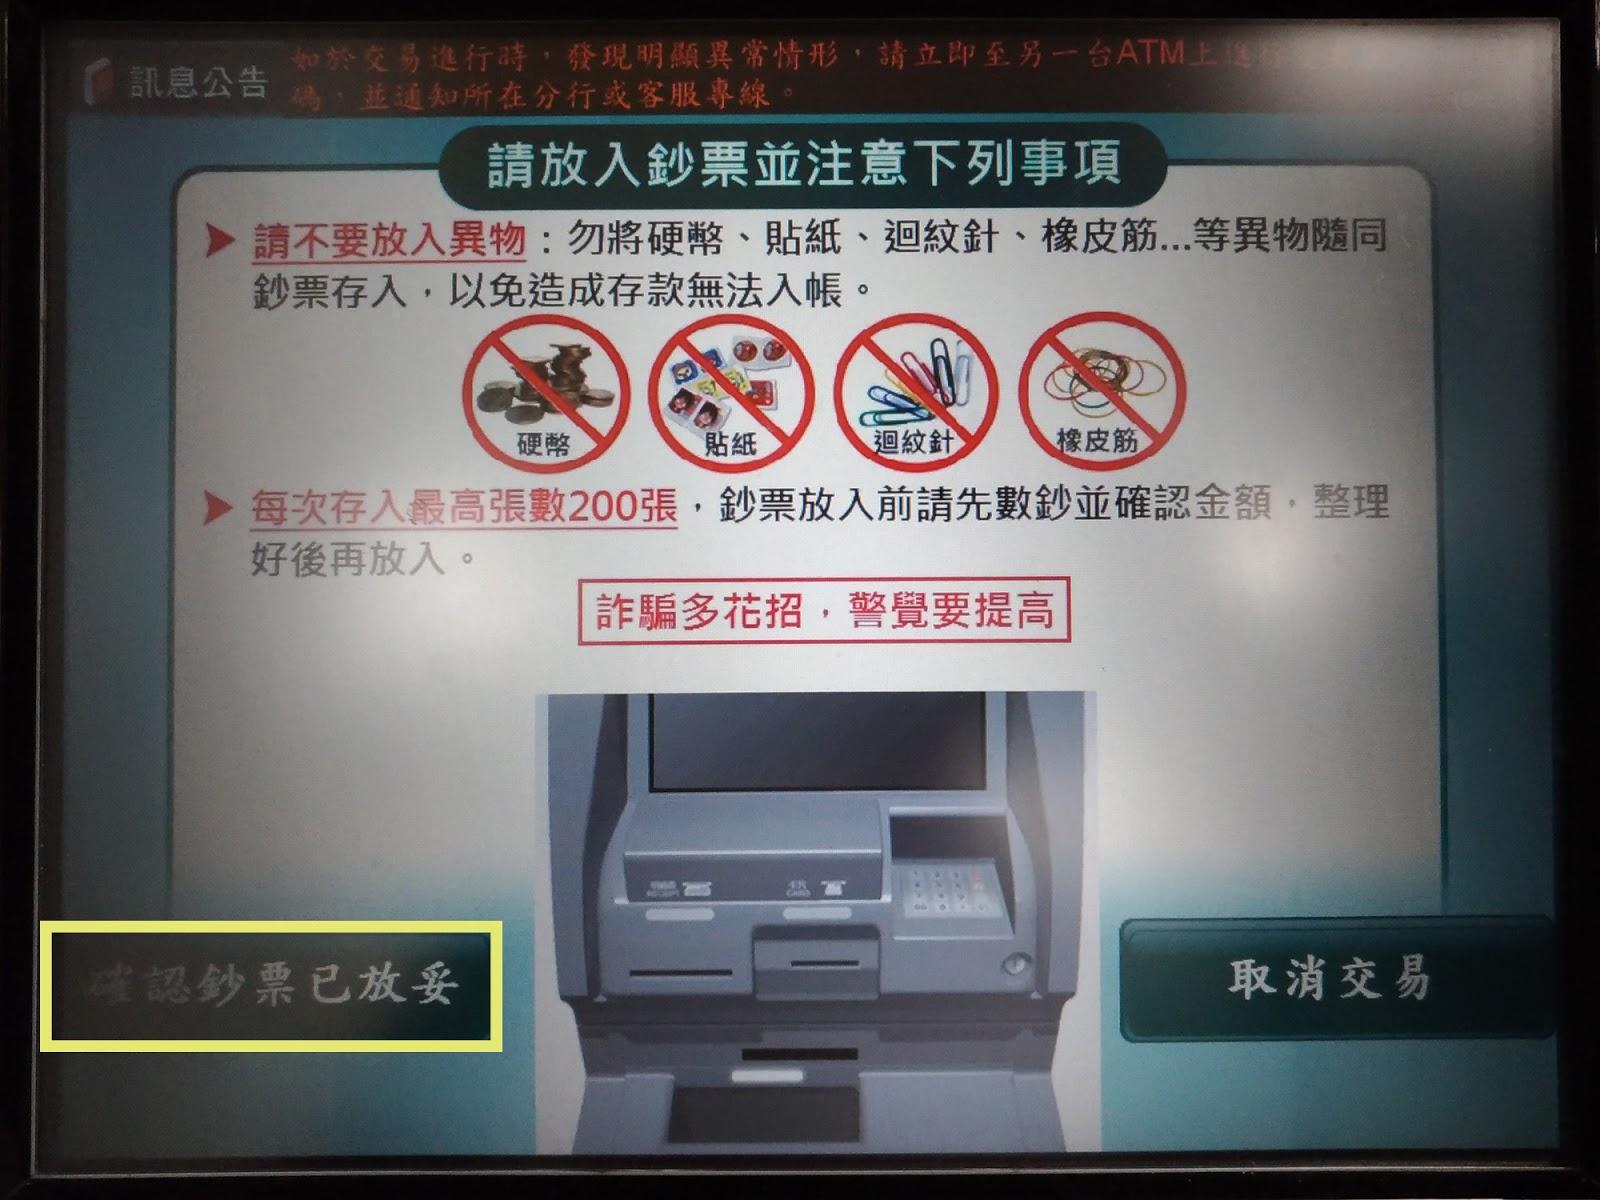 晶連映像 活動攝影/婚禮錄影: 7-11 中國信託存提款機 免卡存款步驟 免手續費